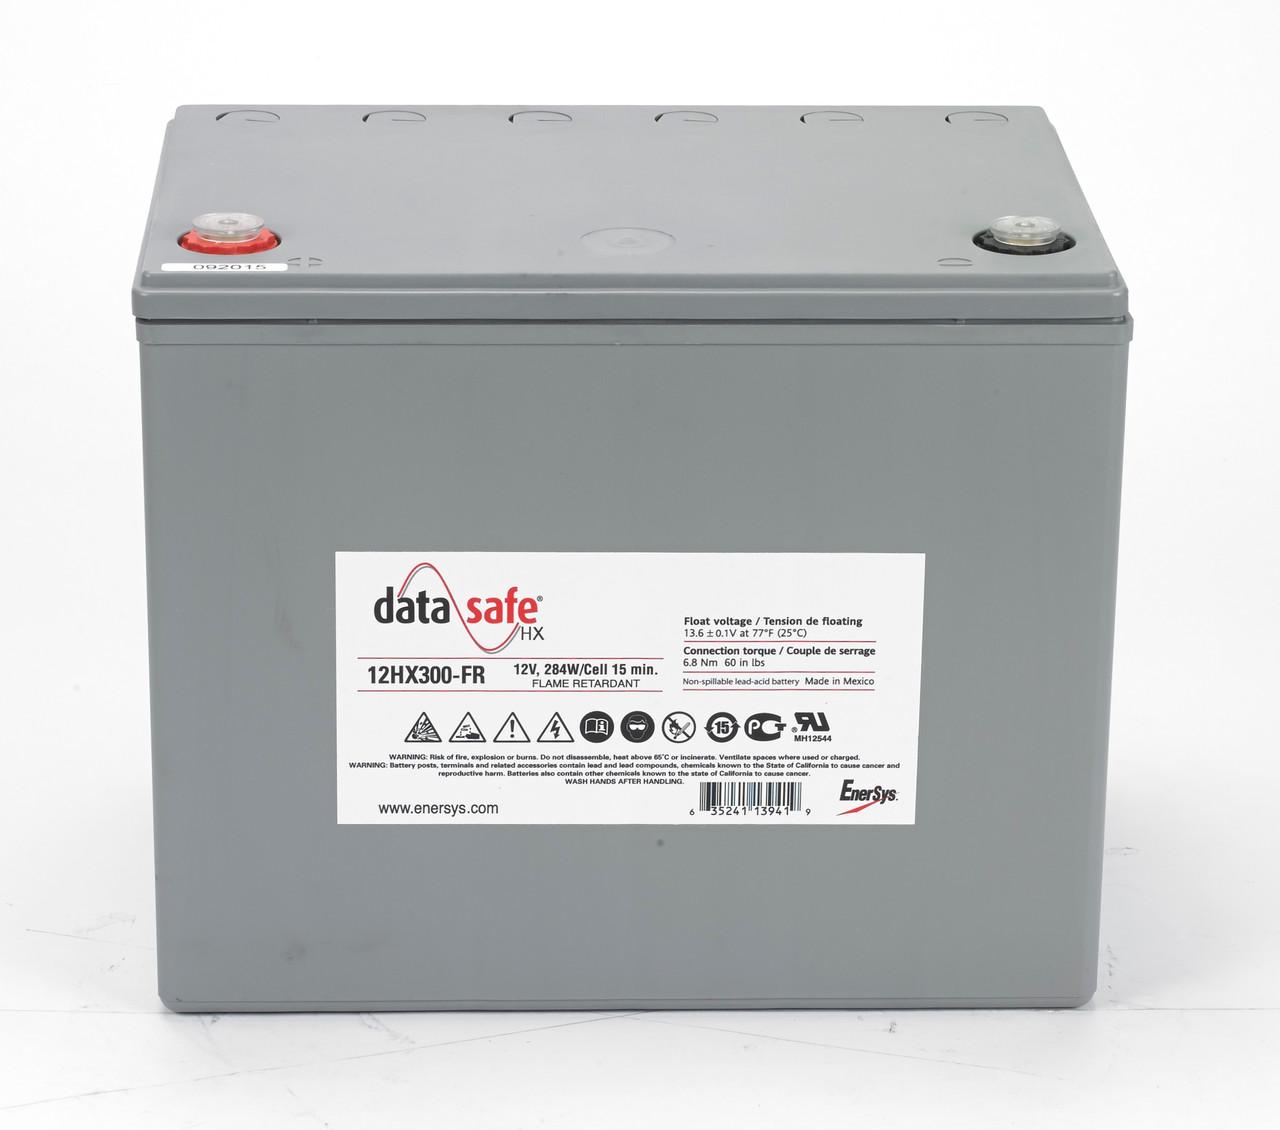 DataSafe 12HX300-FR 12V 70Ah 284W Enersys